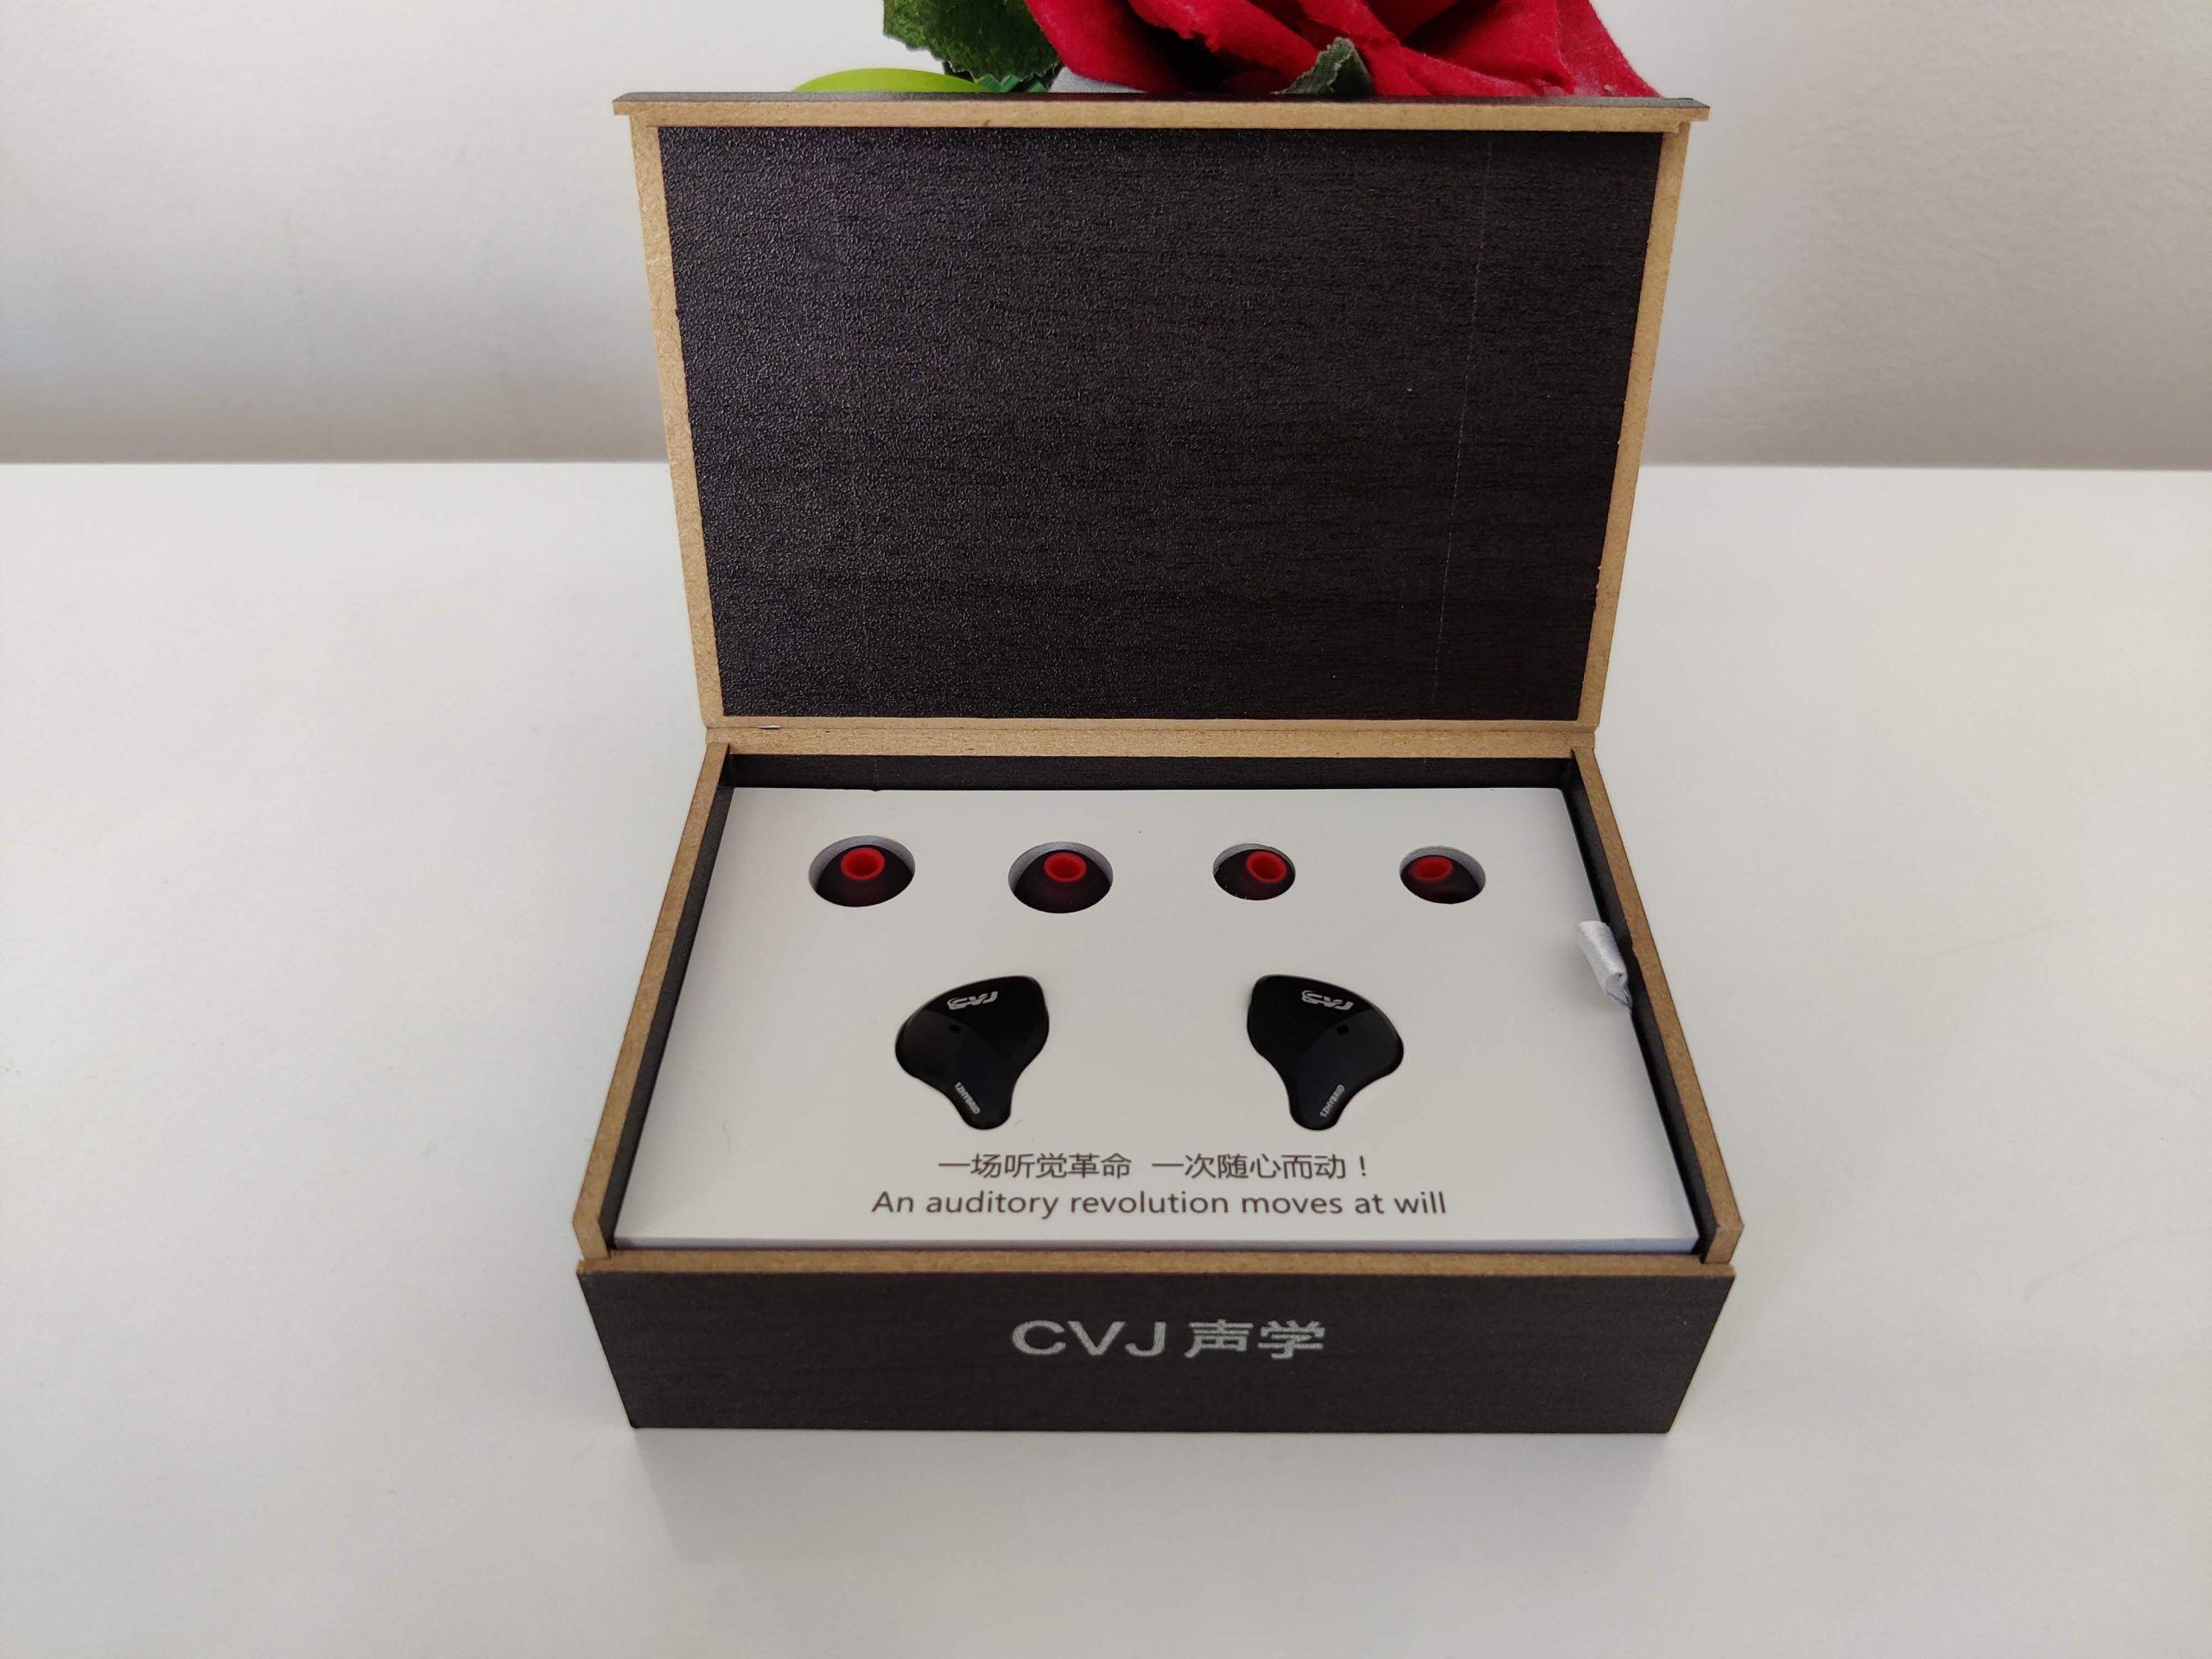 Package écouteurs CVJ